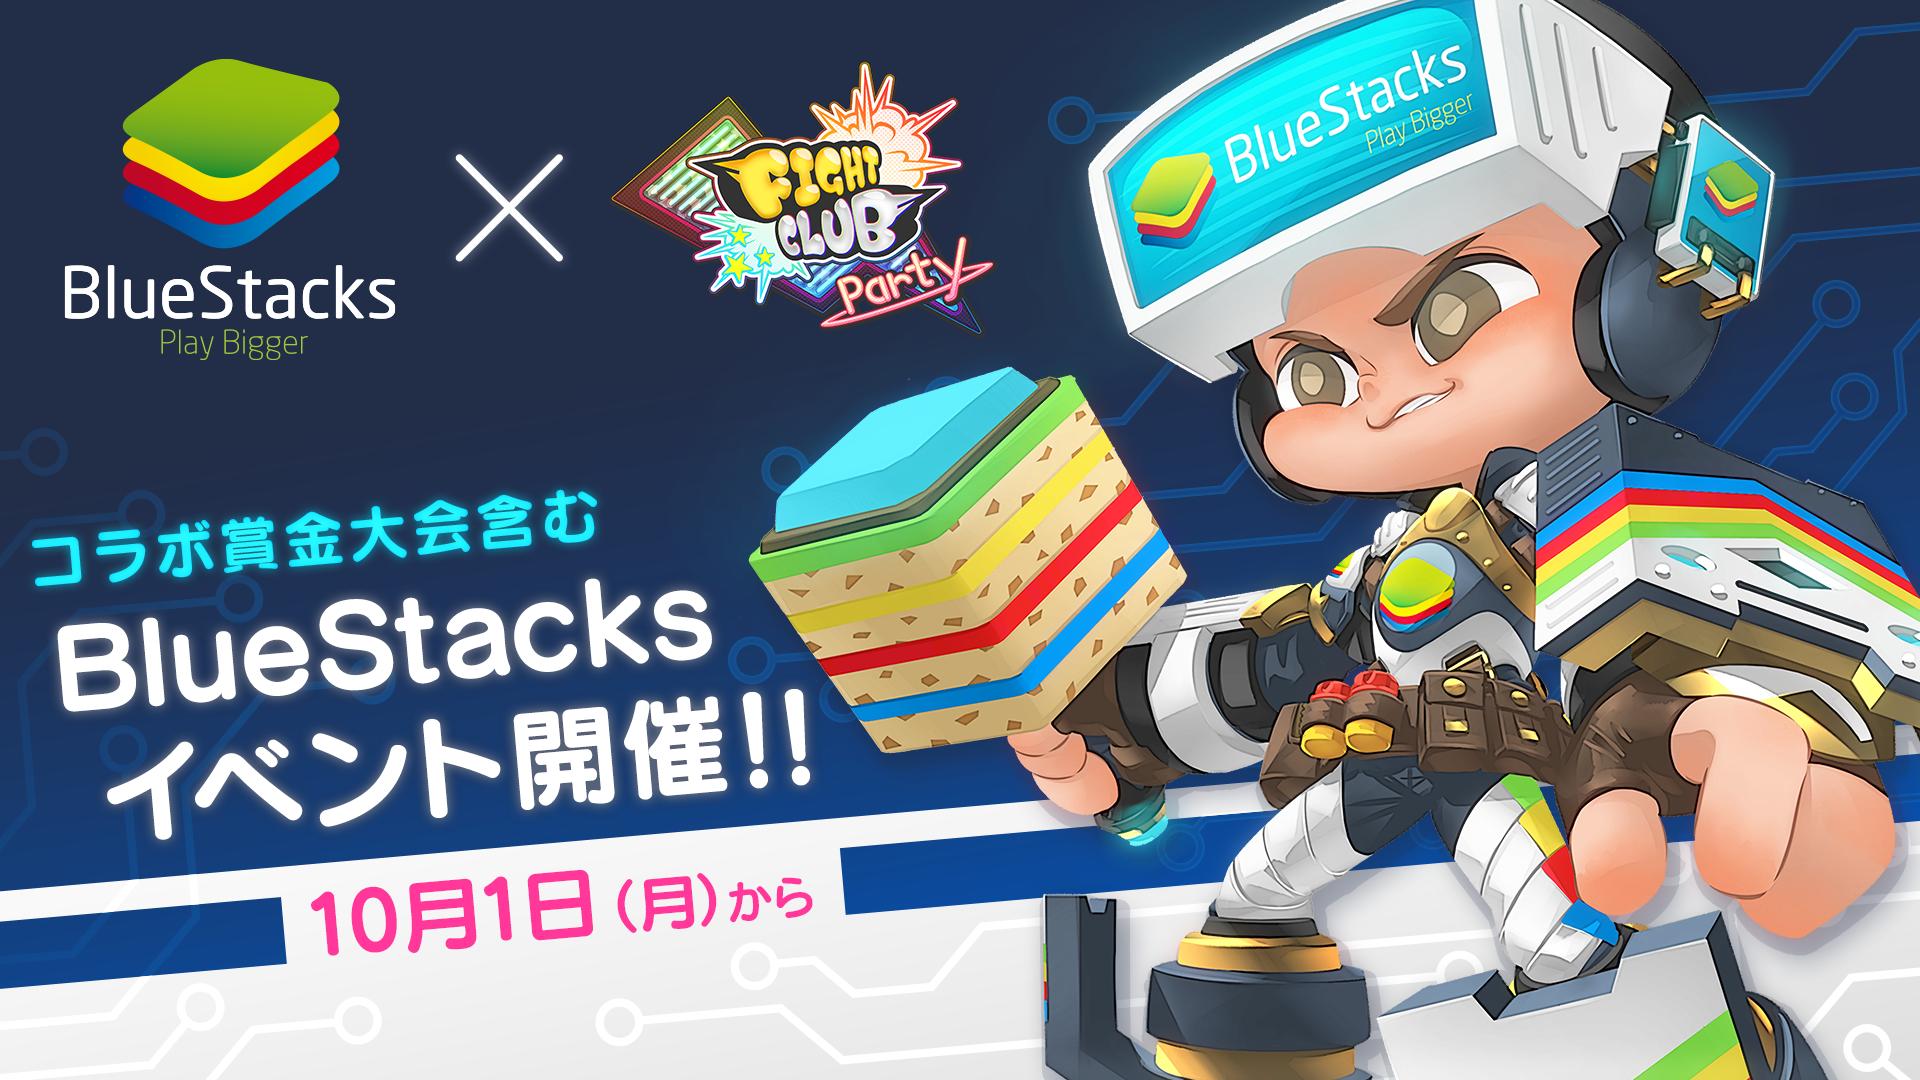 『ファイトクラブ パーティ』新イベント「BlueStacksイベント」を開始!